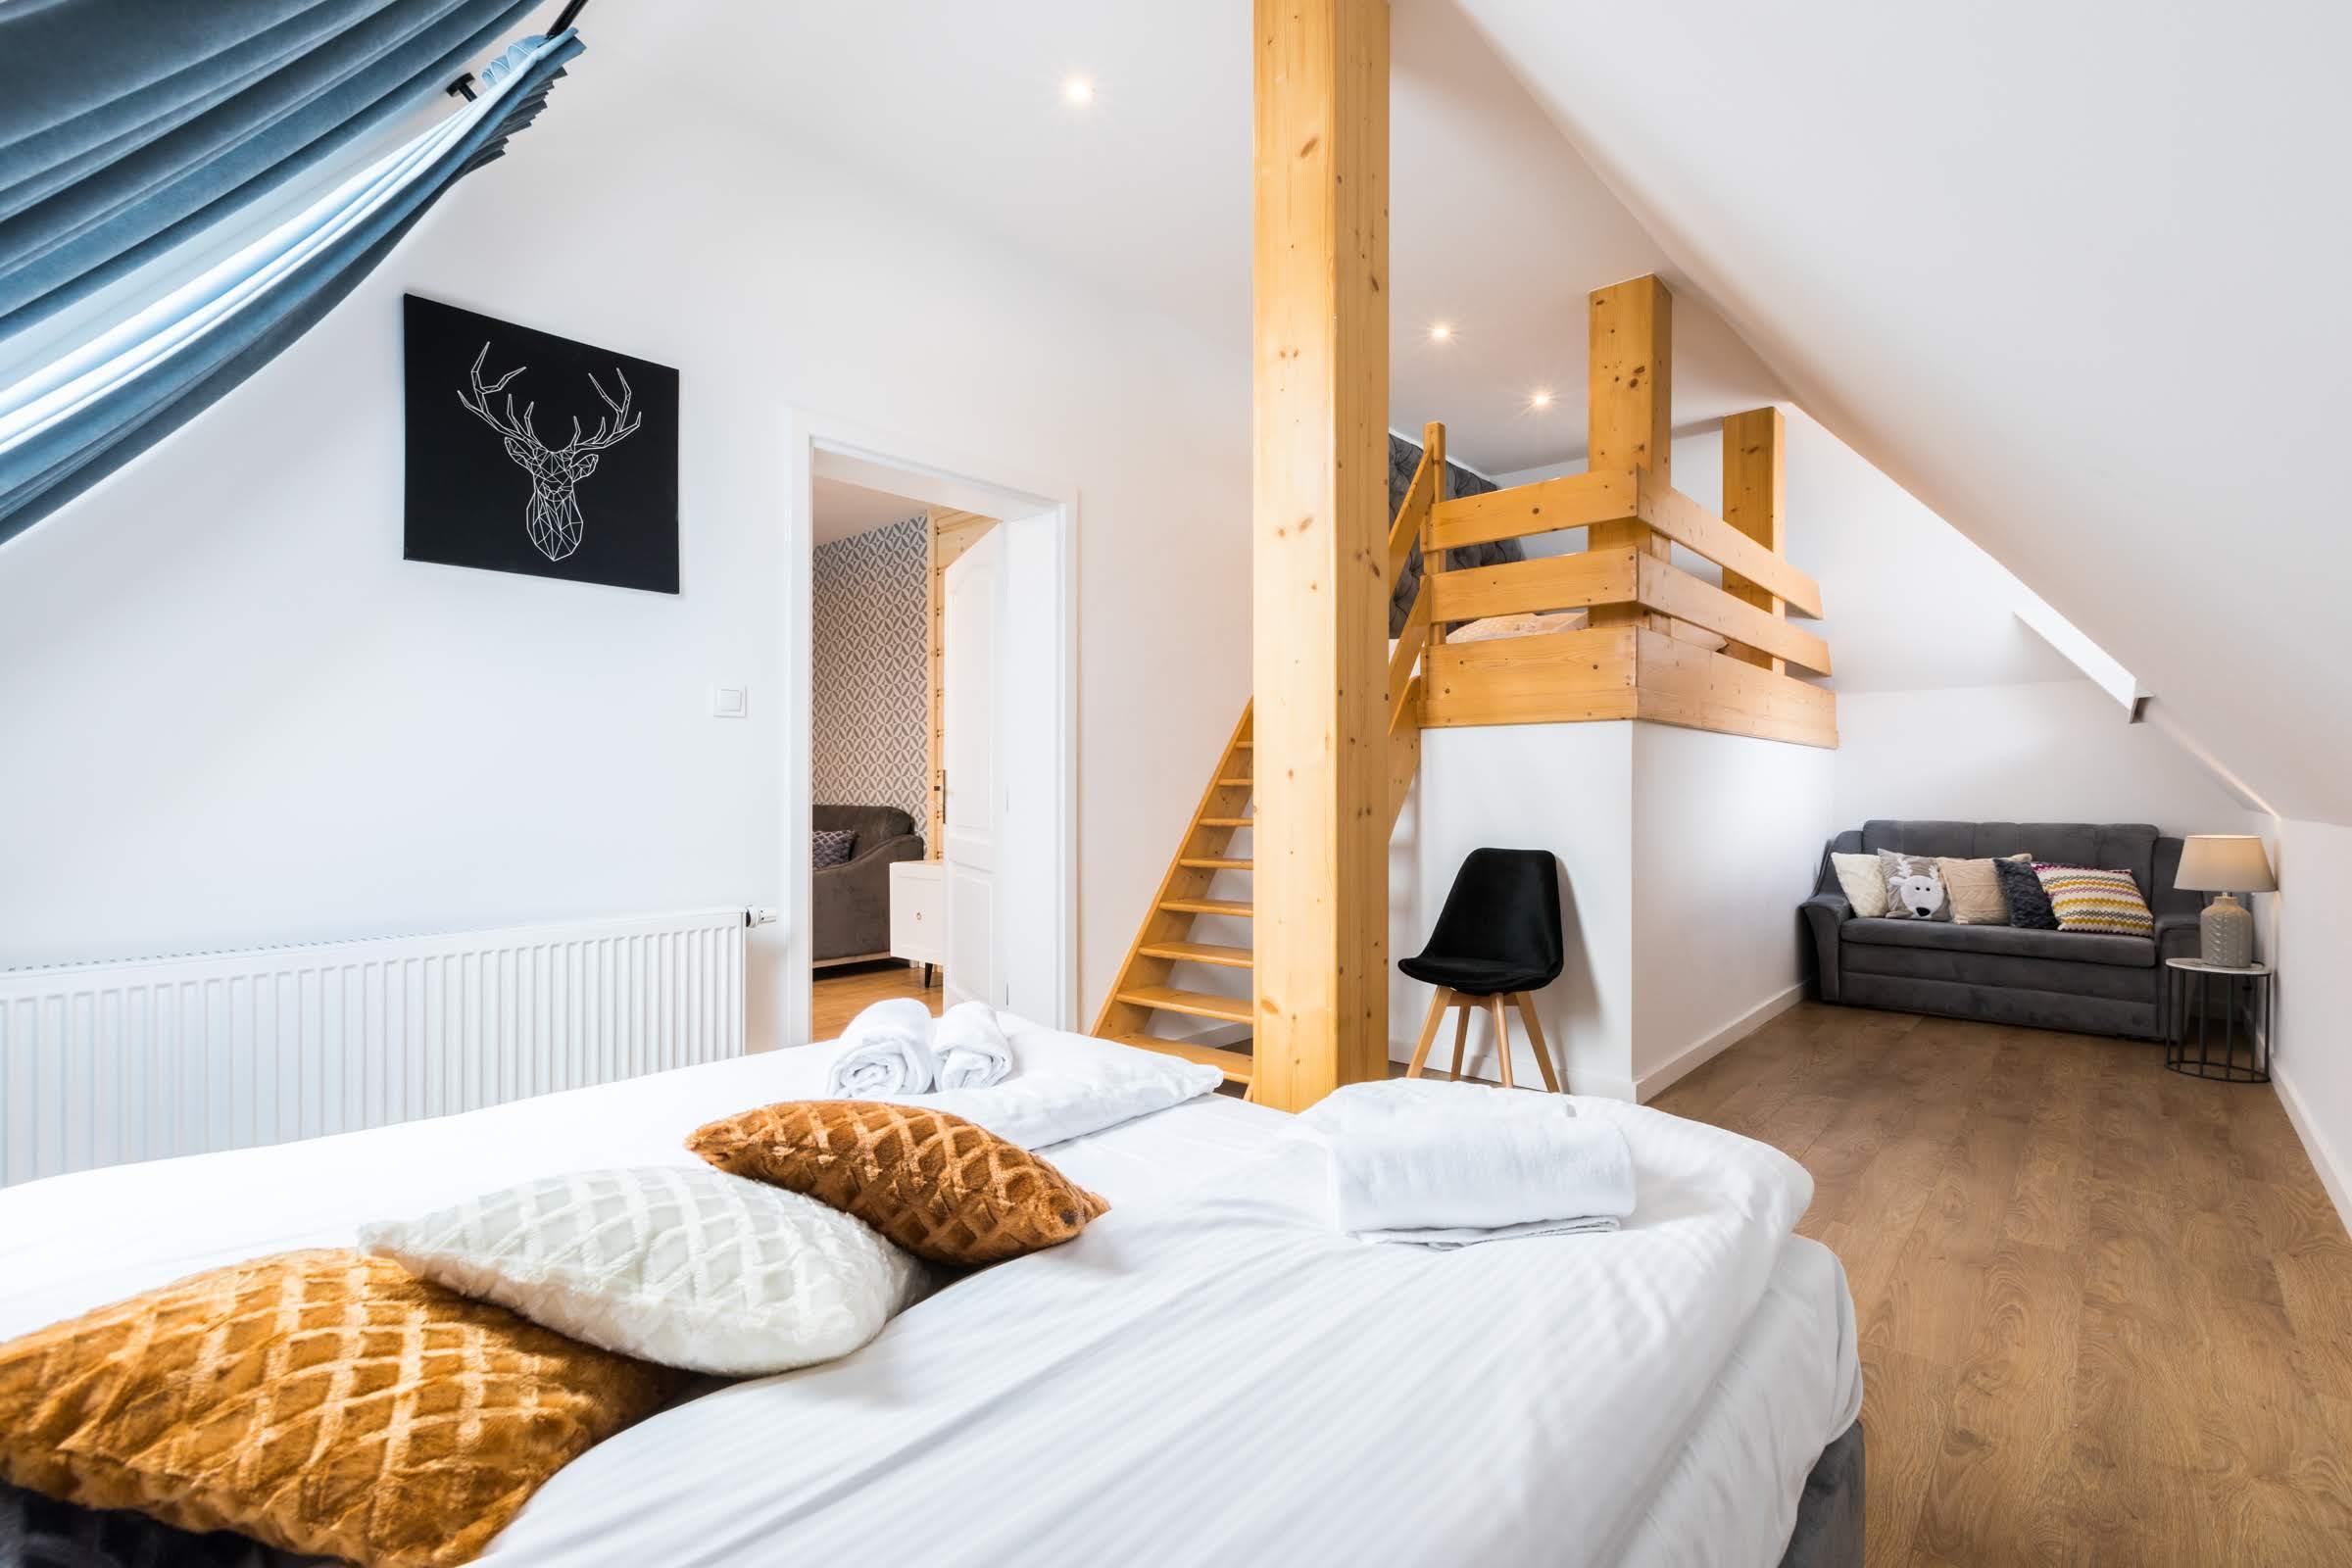 Apartamenty w Białce Tatrzańskiej luksusowe noclegi